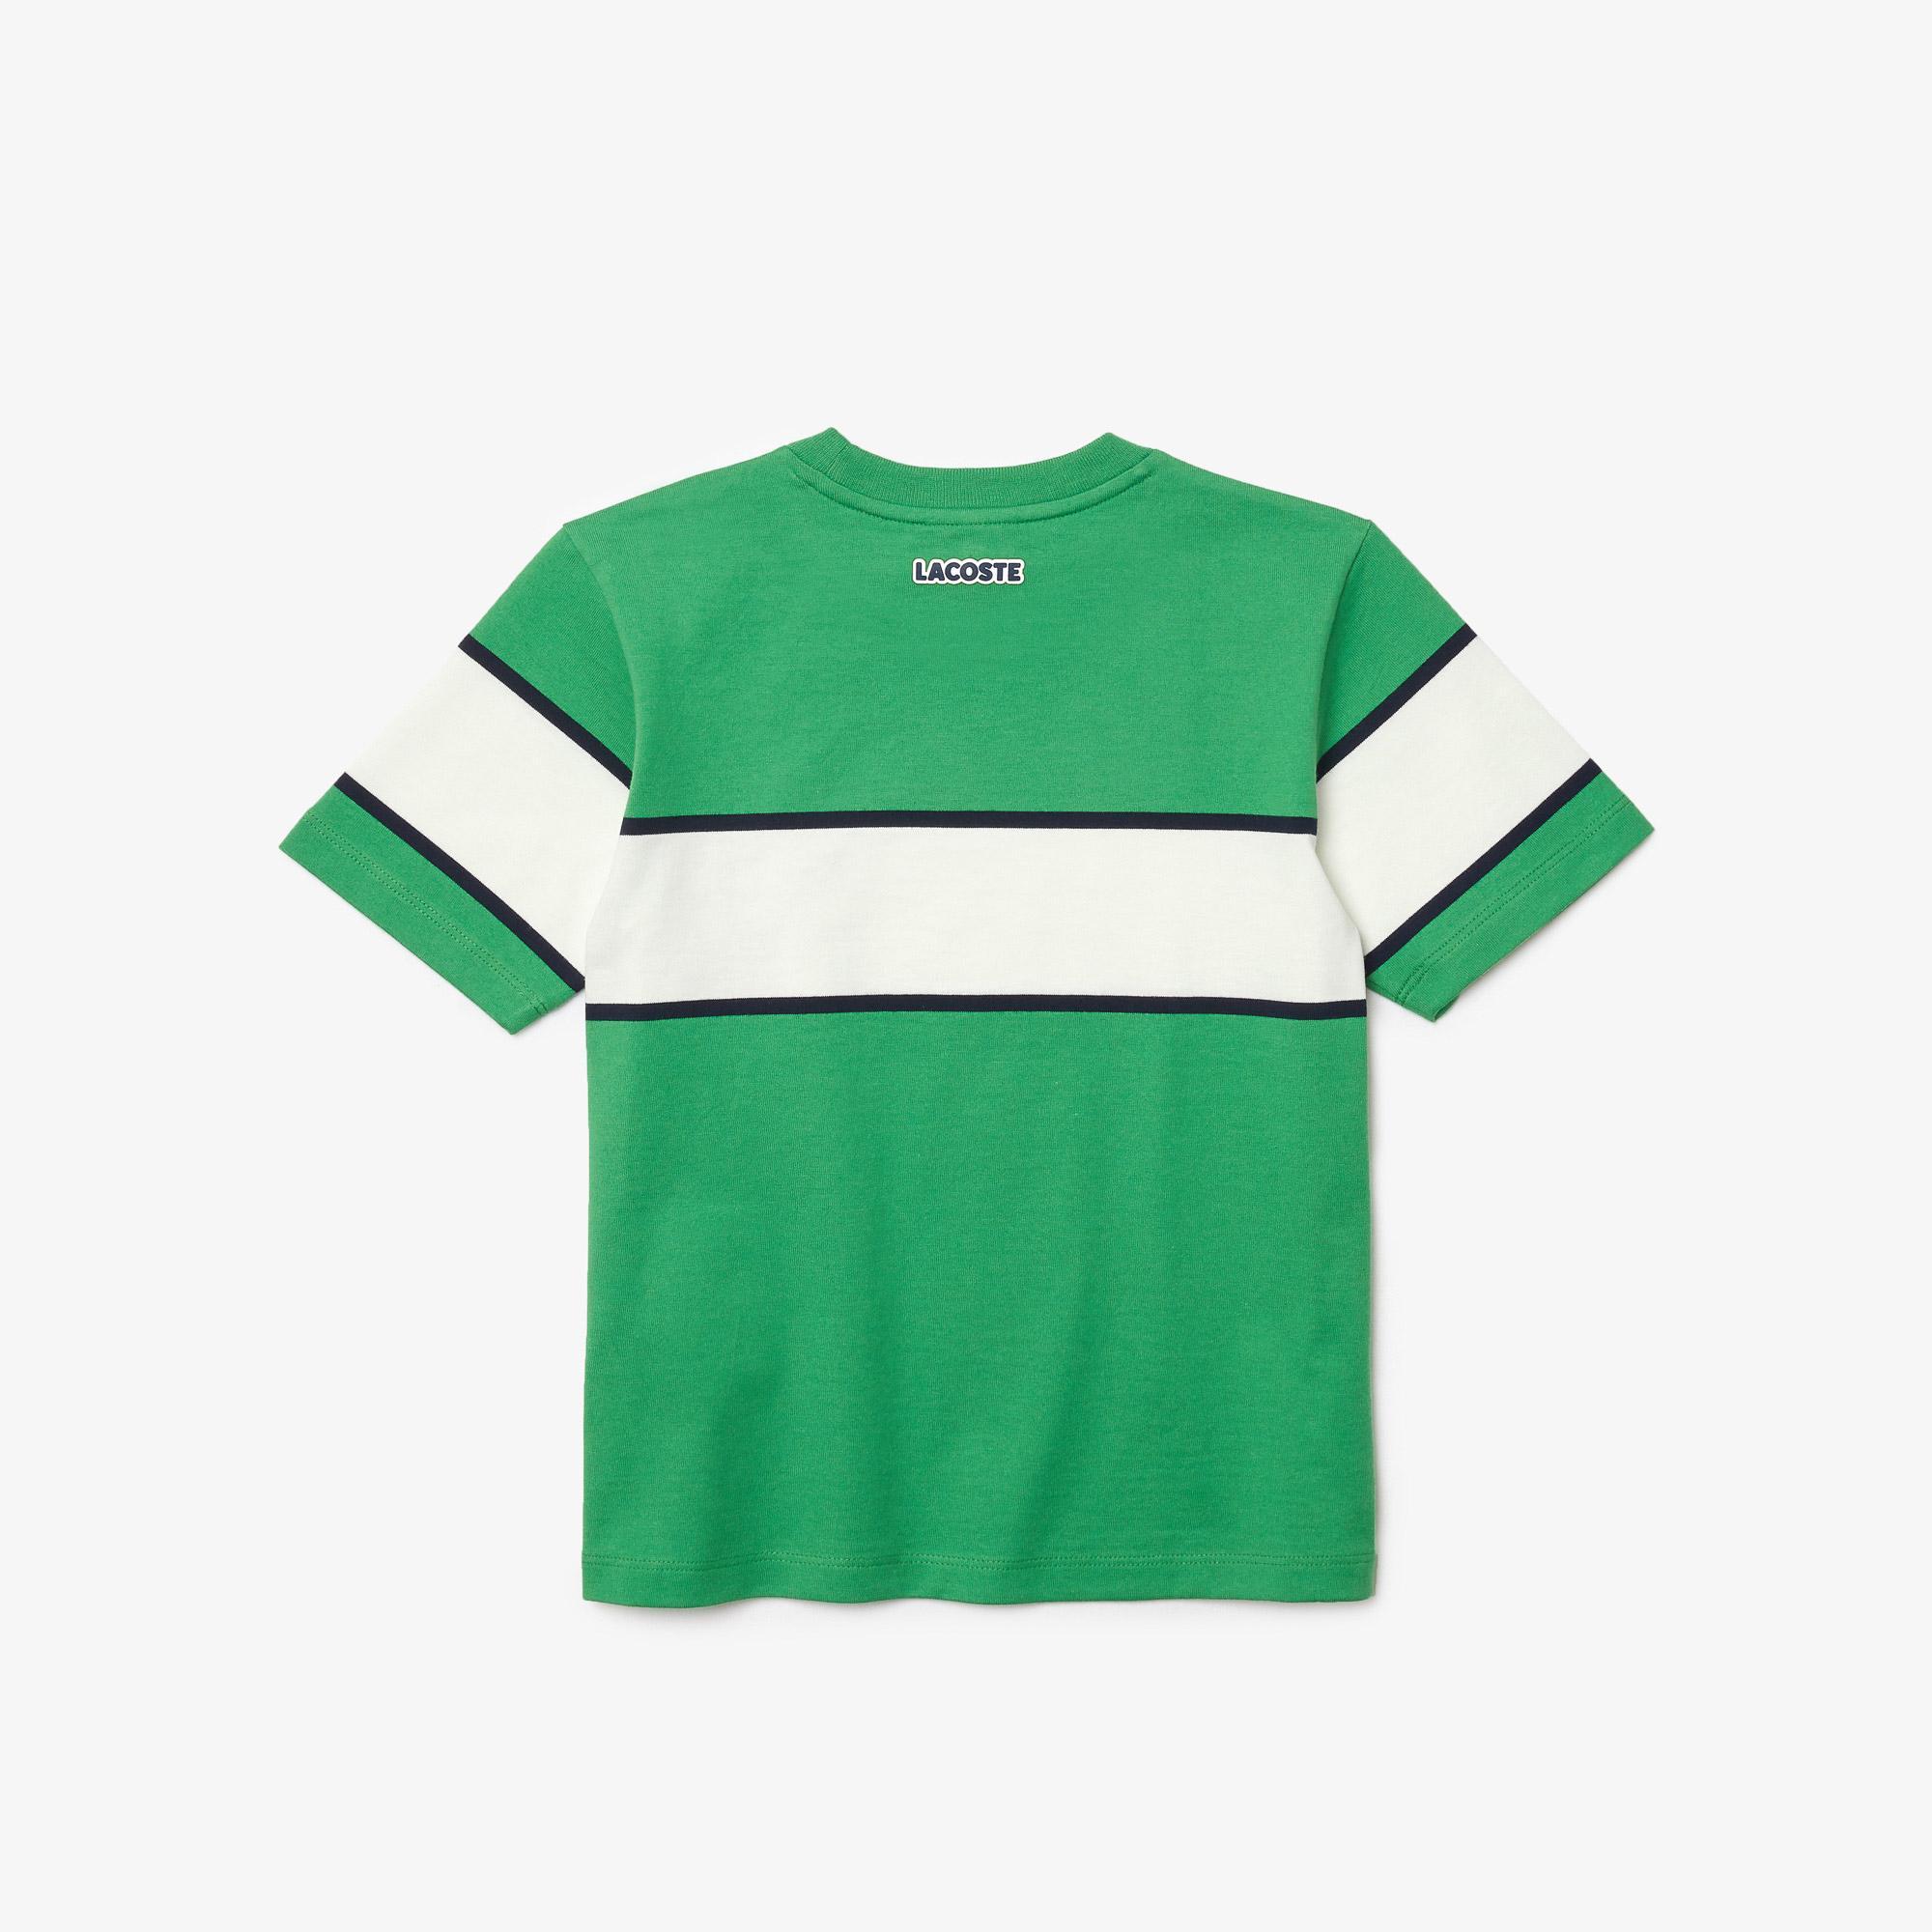 Lacoste Çocuk Bisiklet Yaka Renk Bloklu Yeşil - Beyaz T-Shirt